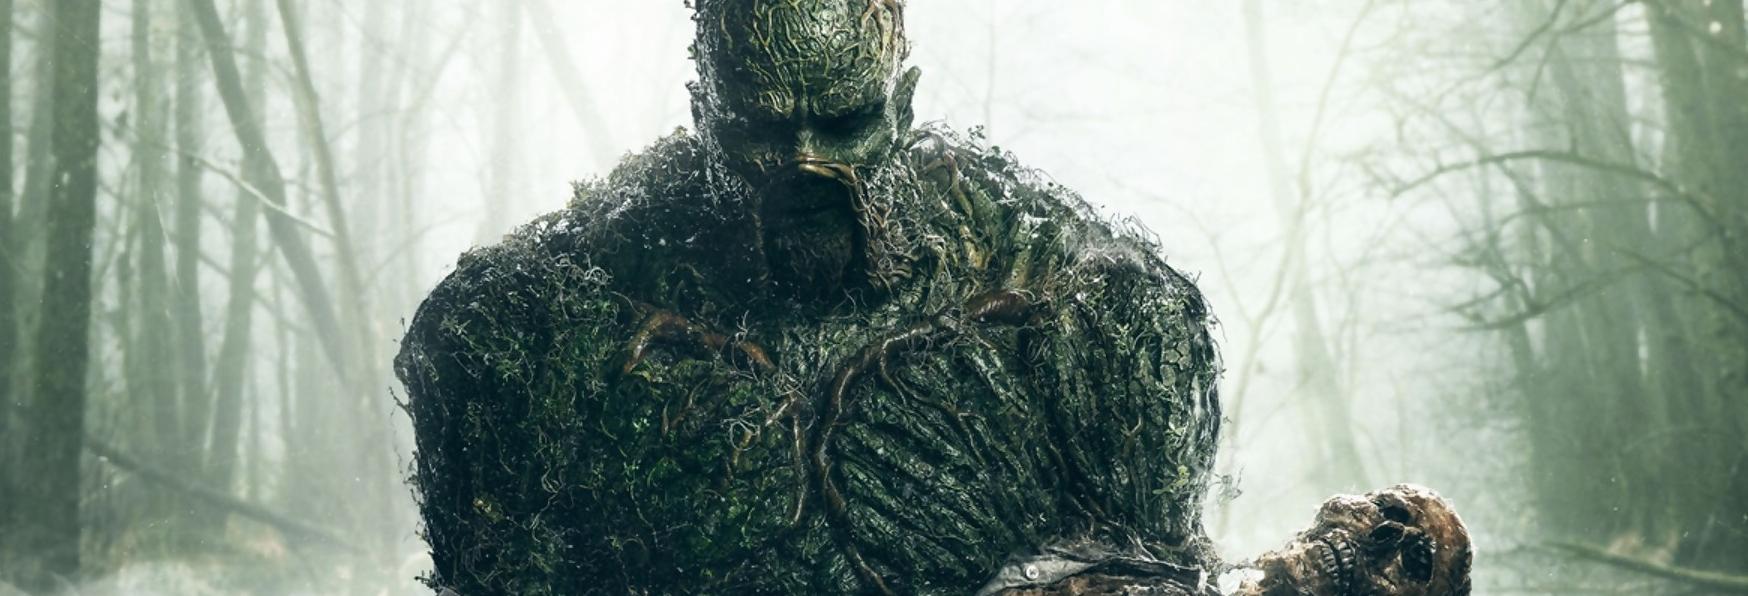 Swamp Thing: le Motivazioni della recente Cancellazione della Serie TV DC Universe